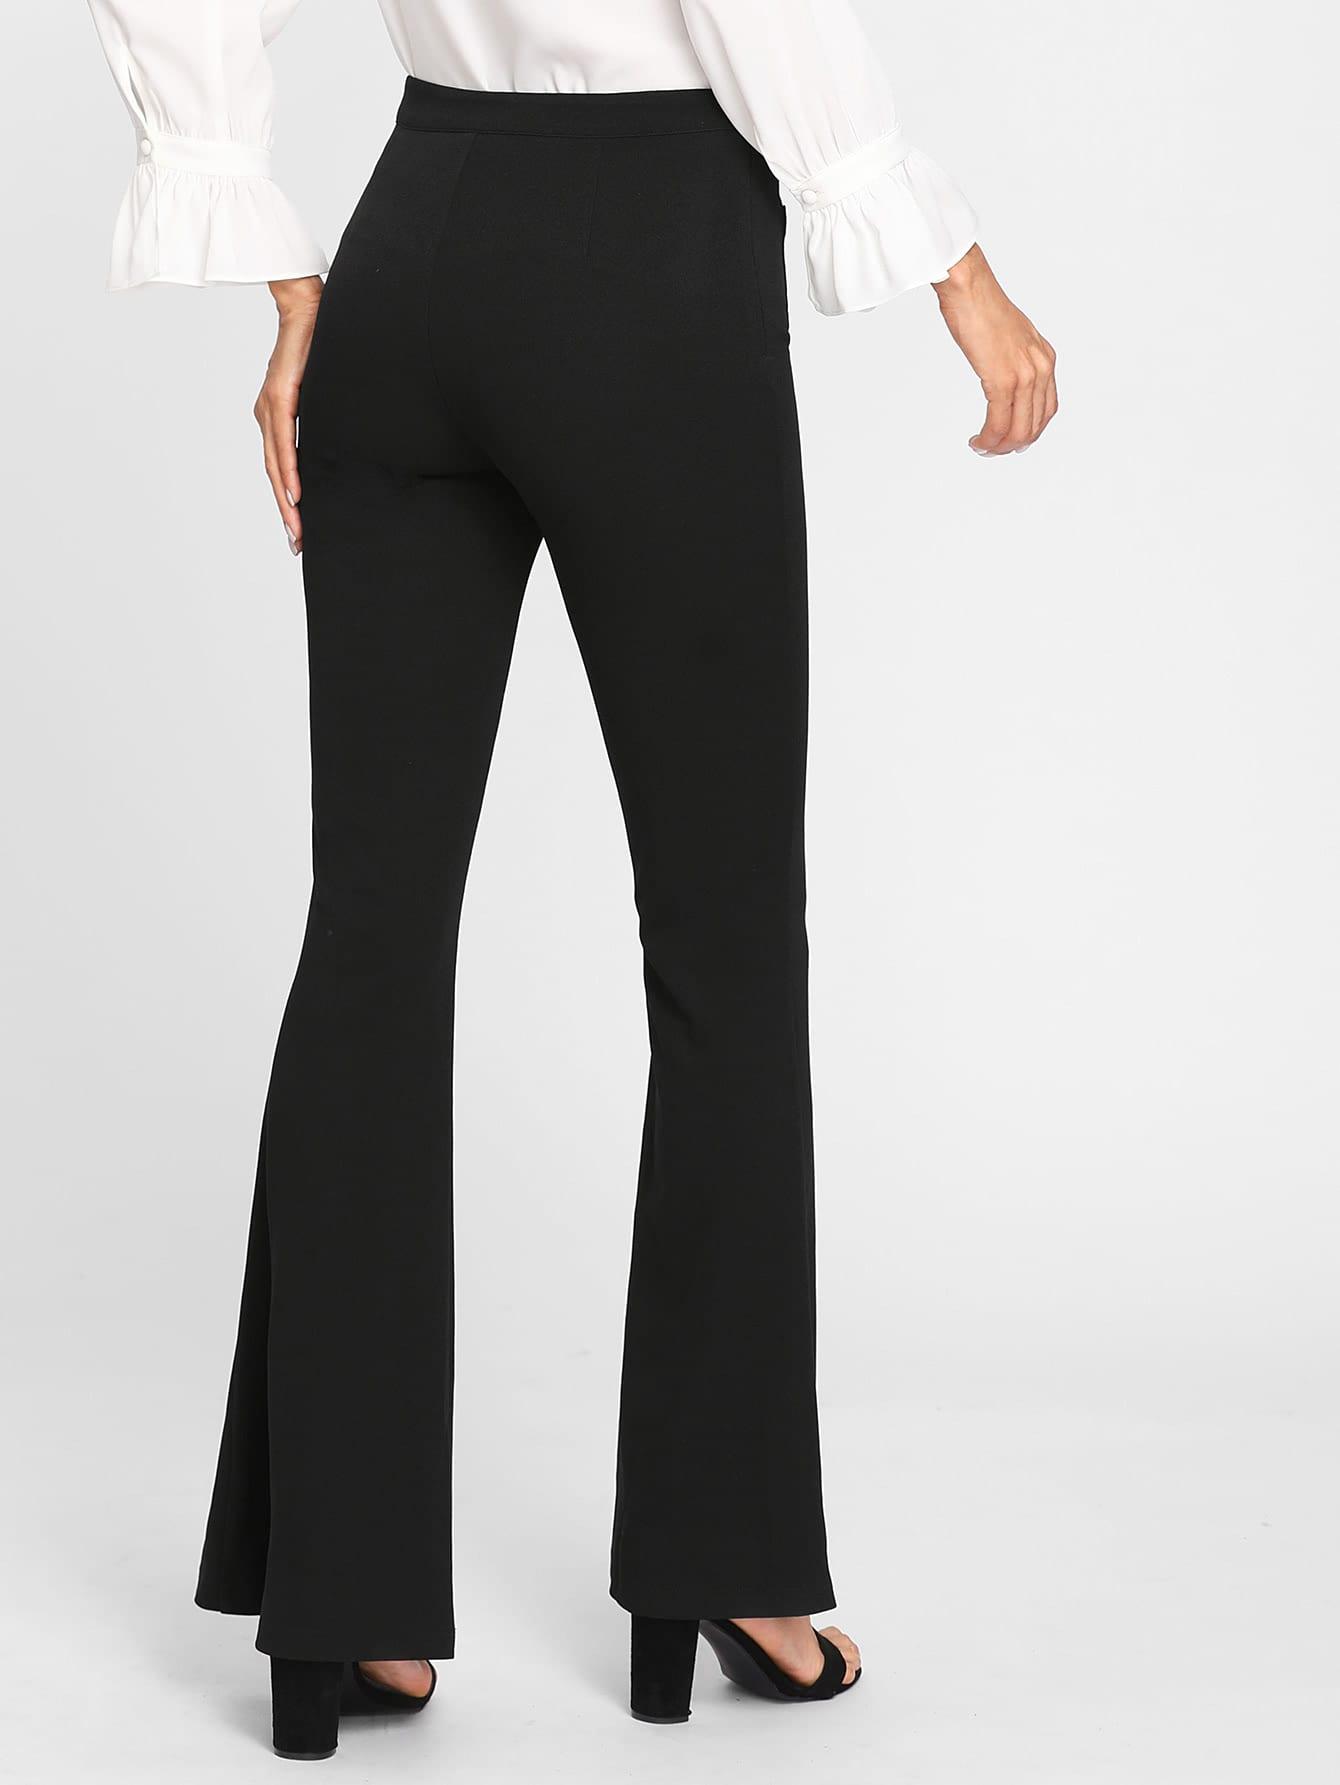 Pantalones De Campana Mode De Mujer Shein Espana